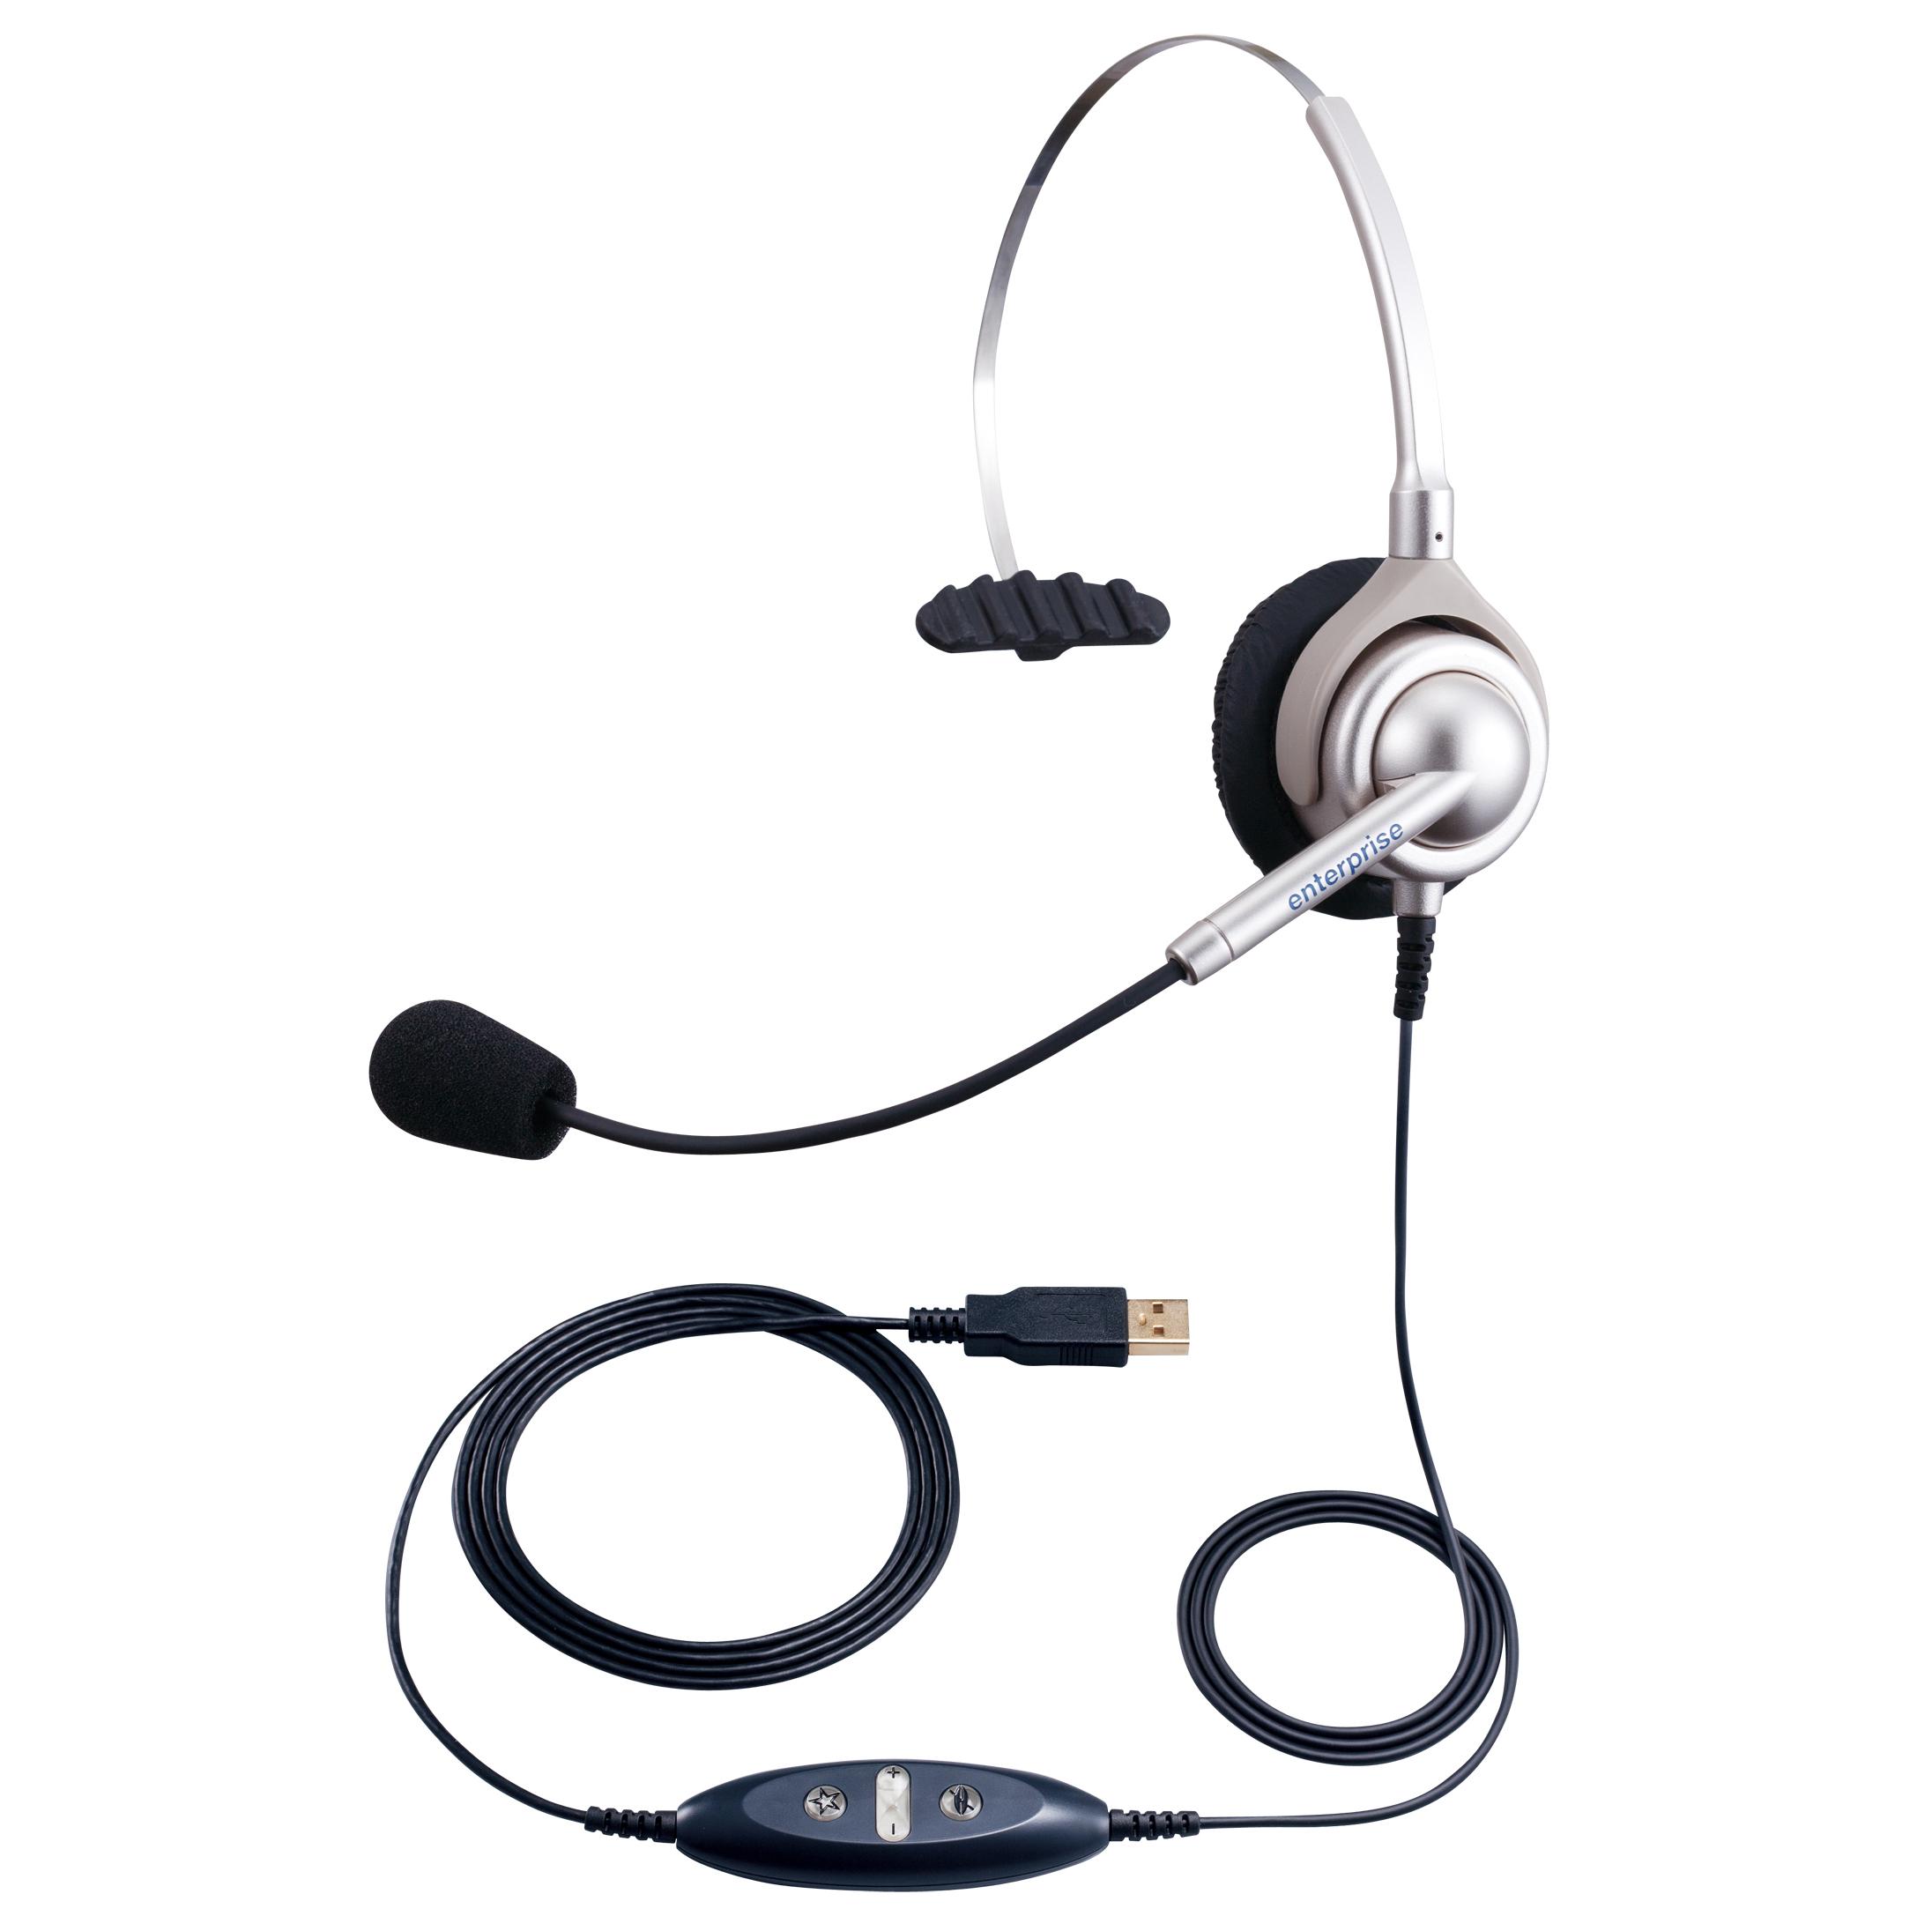 エンタープライズ製(日本製) USBヘッドセット片耳タイプ シャンパンゴールドカラー EN-L(CG)-ND76